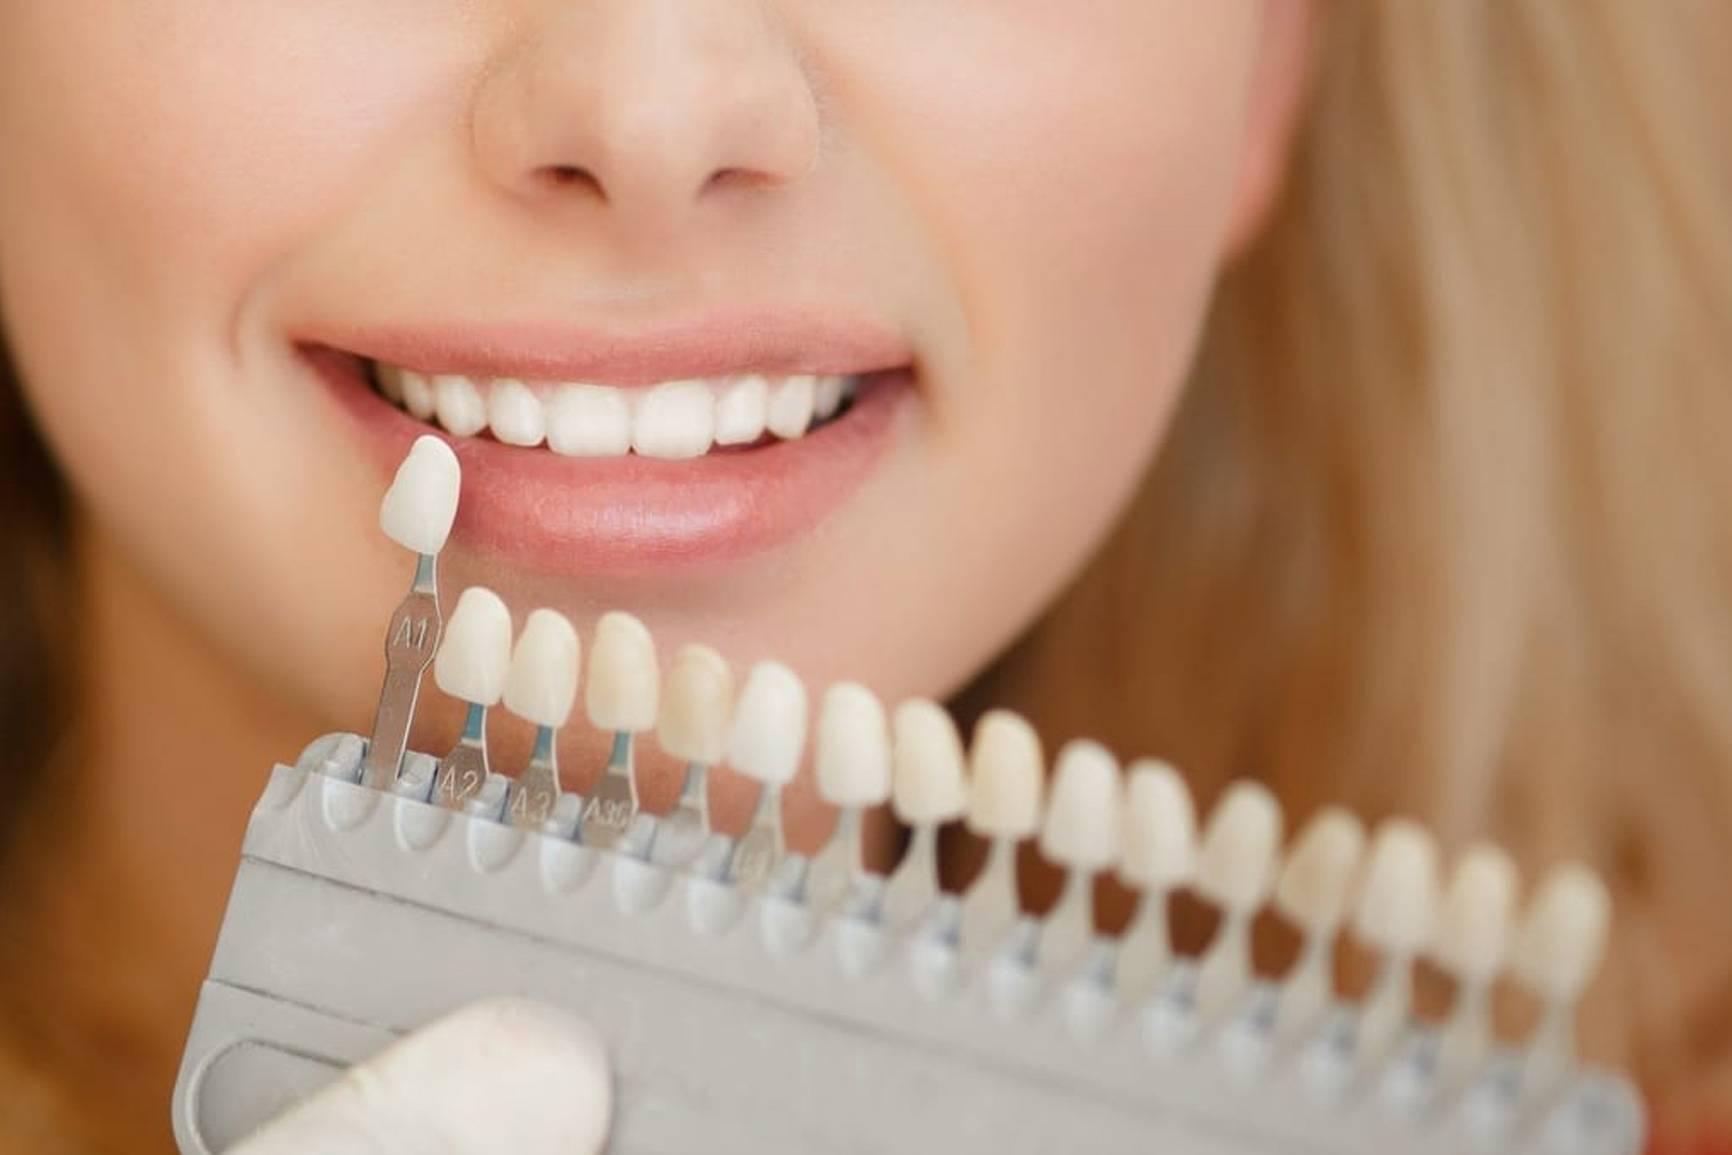 Как правильно полоскать рот содой, рецепт раствора, пропорции, от чего помогает